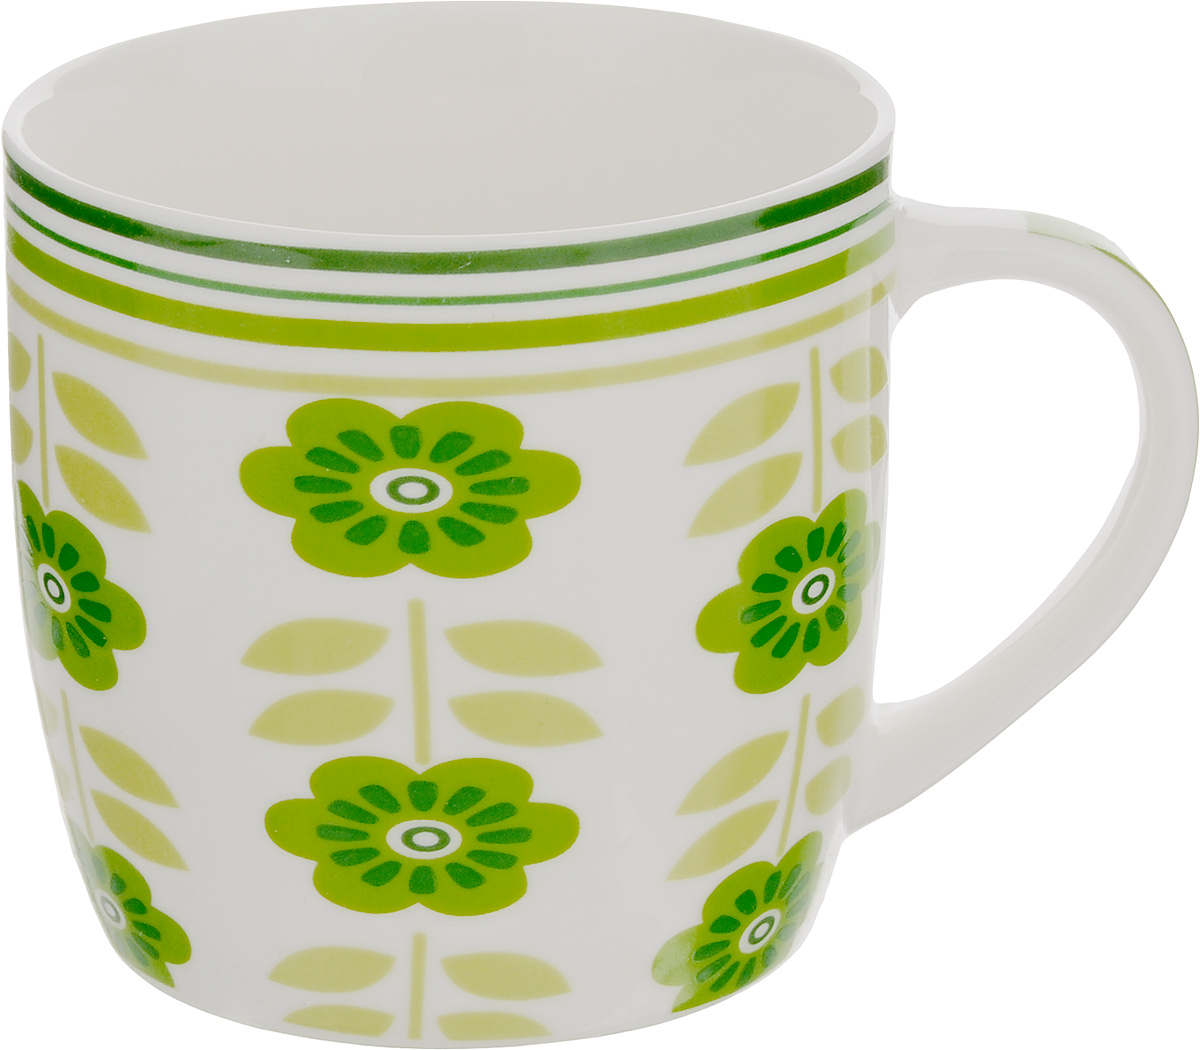 Кружка Loraine Цветы, 320 мл24474_белый, зеленыйОригинальная кружка Loraine Цветы выполнена из костяного фарфора и оформлена красочным изображением. Она станет отличным дополнением к сервировке семейного стола и замечательным подарком для ваших родных и друзей.Диаметр кружки (по верхнему краю): 8,5 см.Высота кружки: 8,4 см.